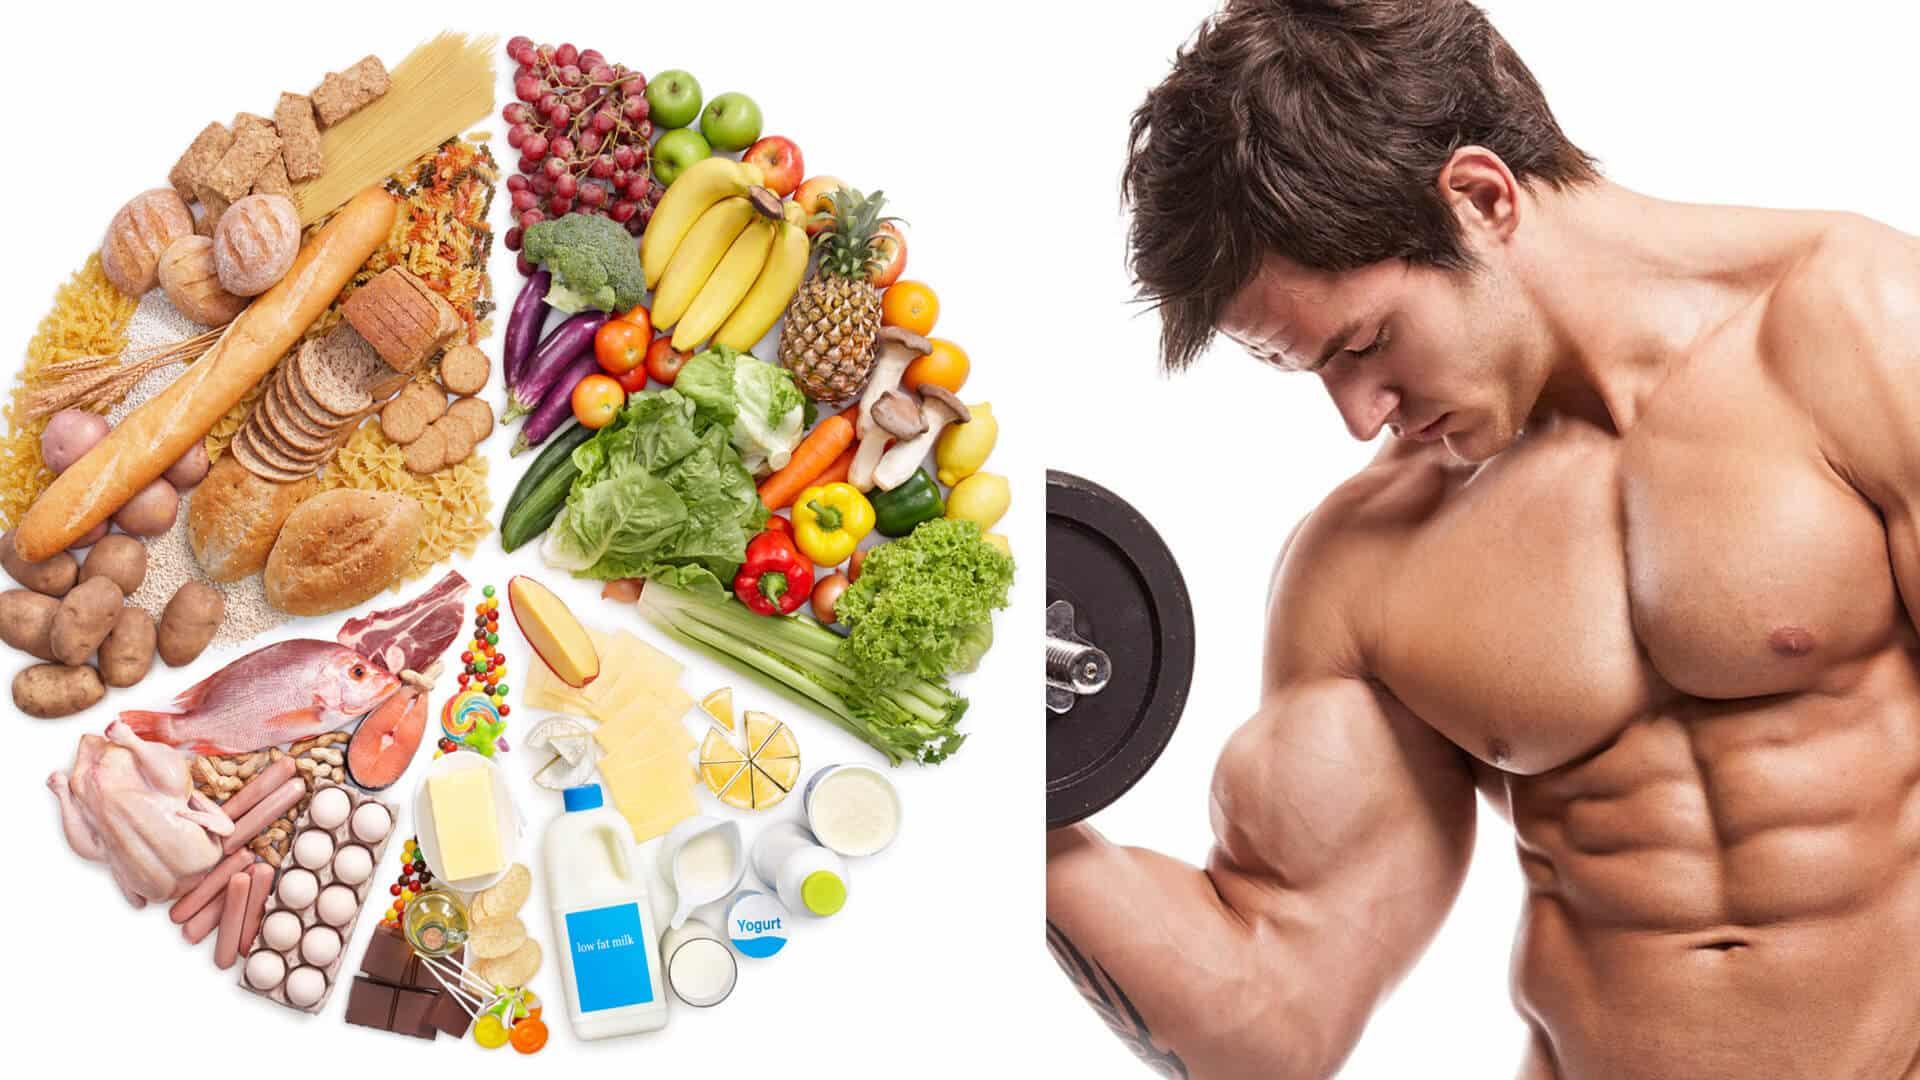 أفضل وجبة بعد التمرين لتضخيم العضلات والعناصر المفيدة للجسم زيادة